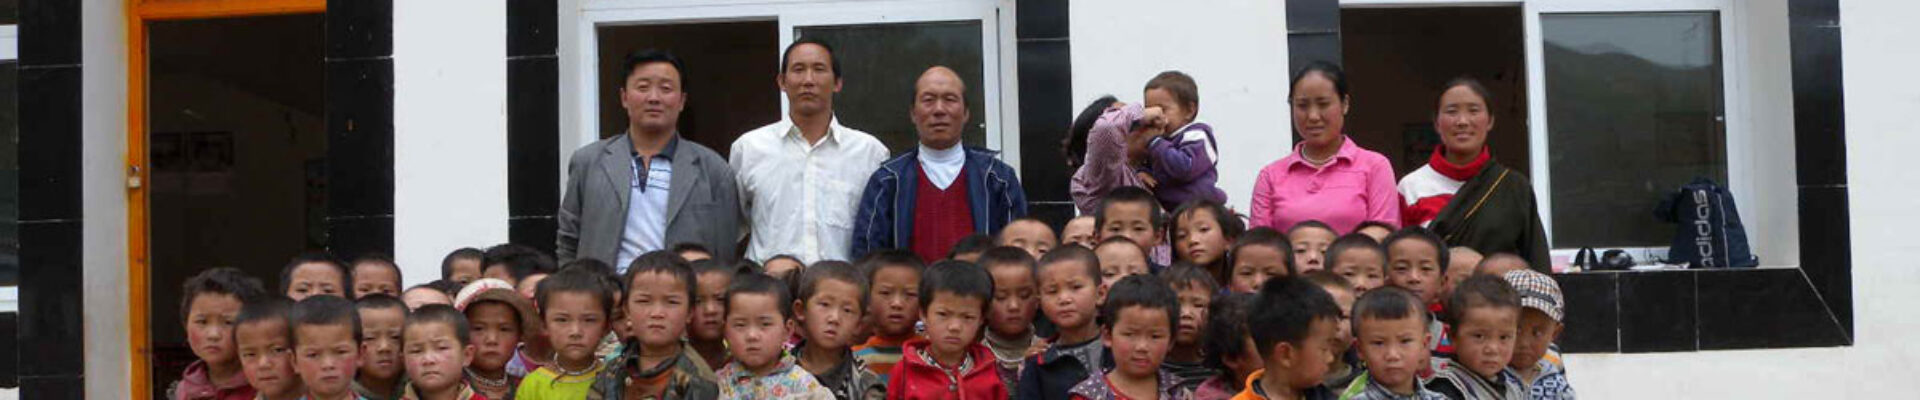 Medicina Tibetana Assisi